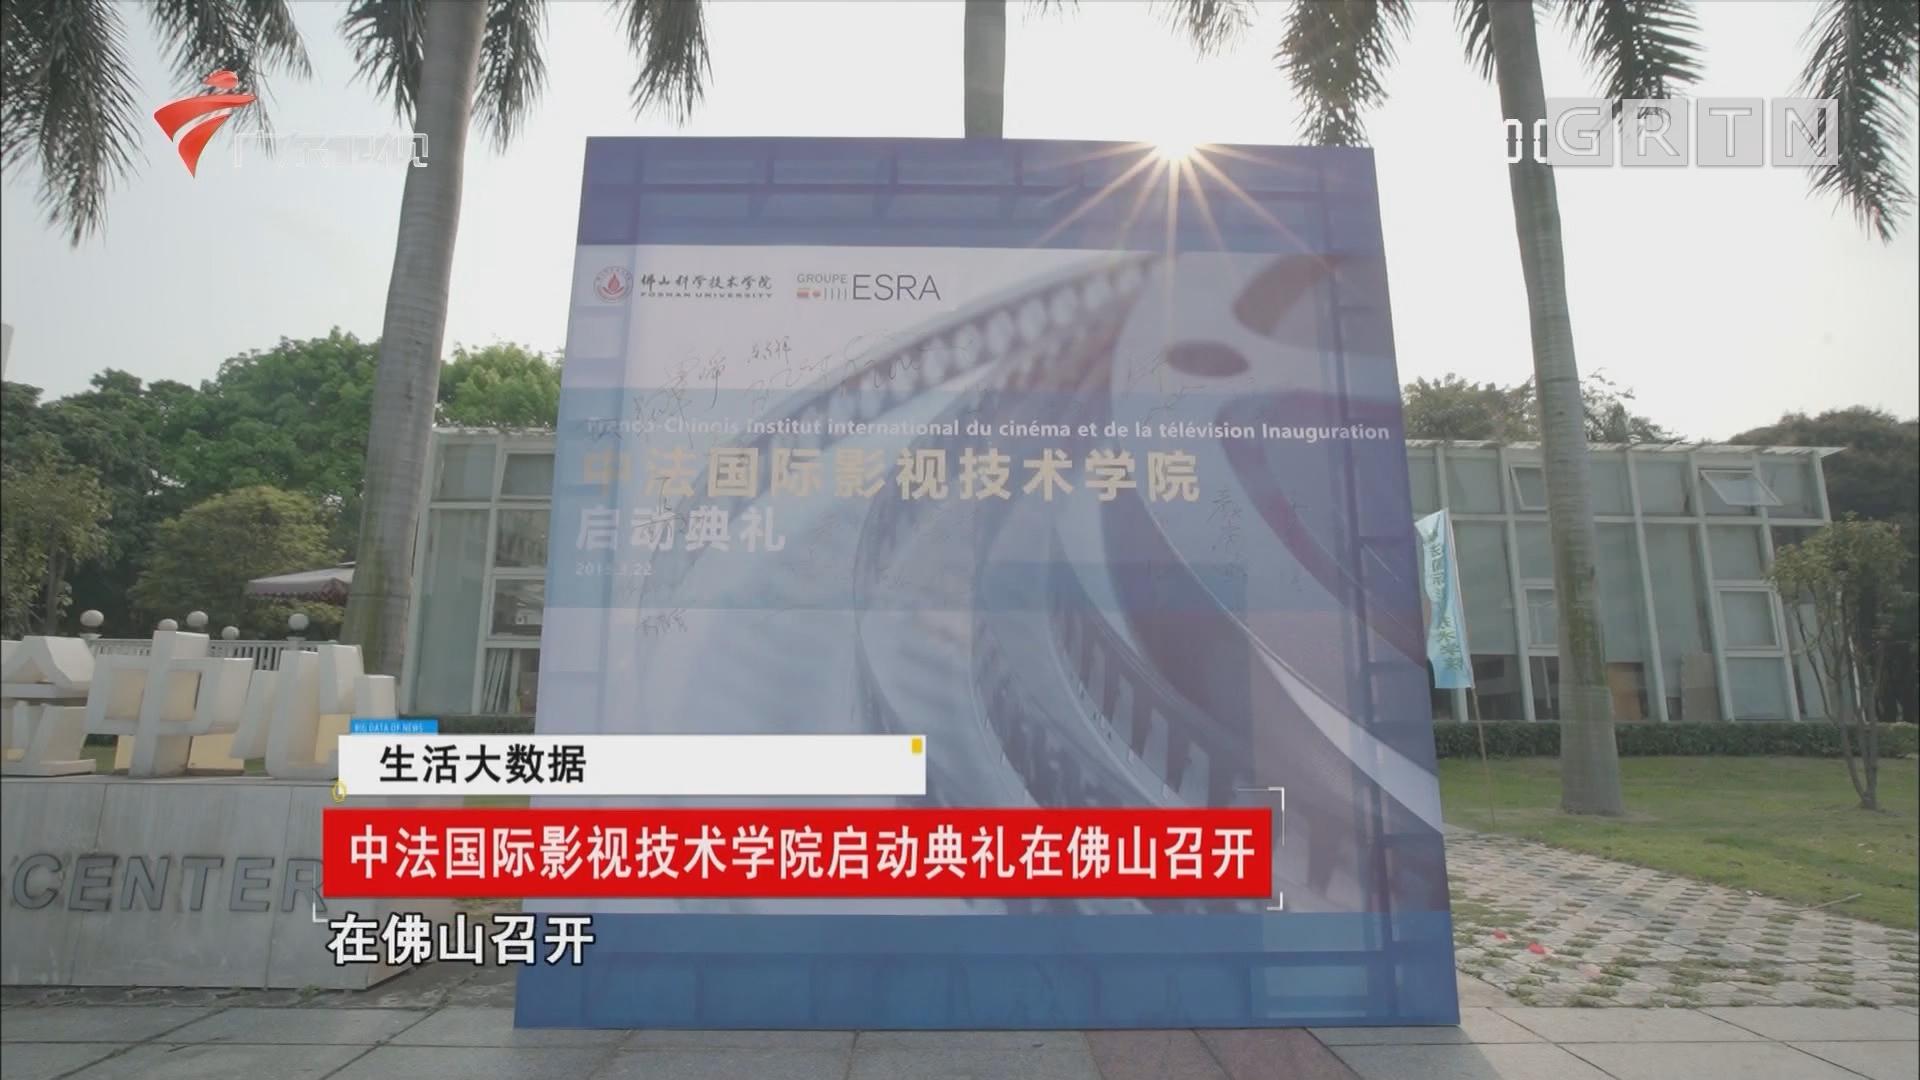 中法国际影视技术学院启动典礼在佛山召开